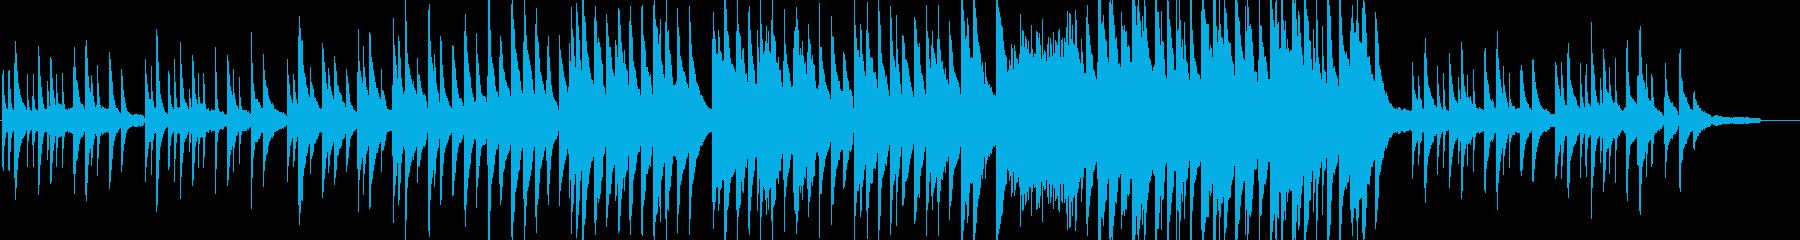 木星の有名なメロディ部分のピアノver.の再生済みの波形